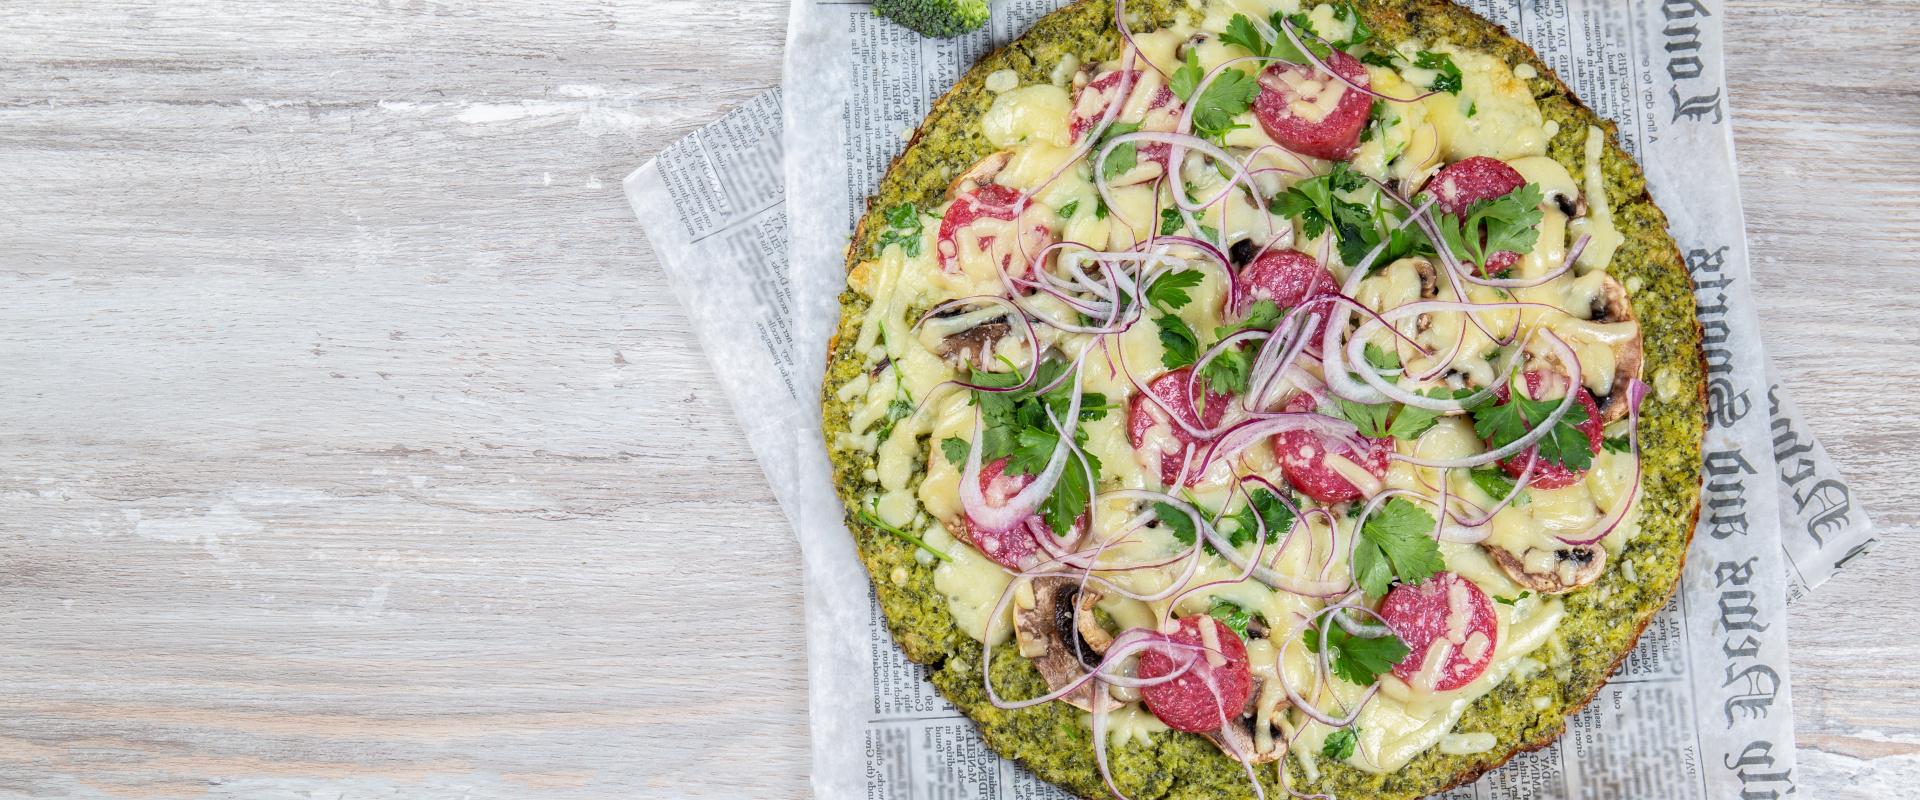 brokkoli pizza cover